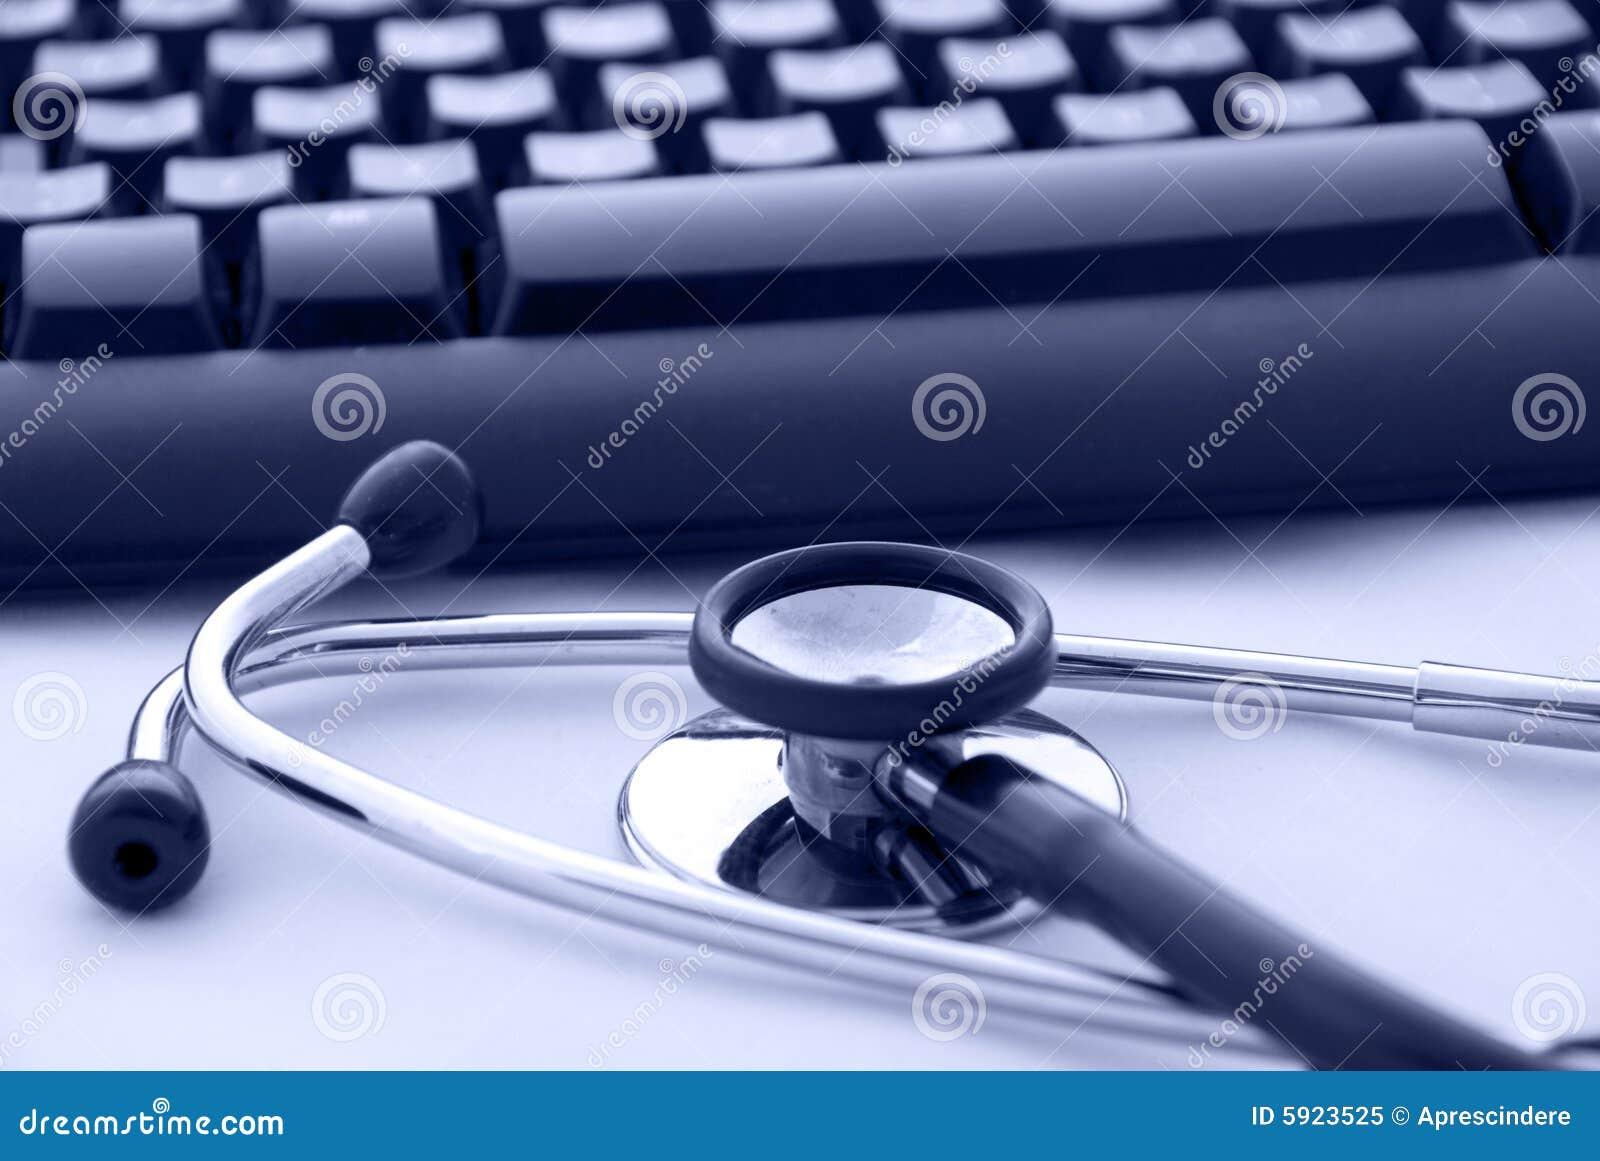 Stéthoscope par un clavier d ordinateur